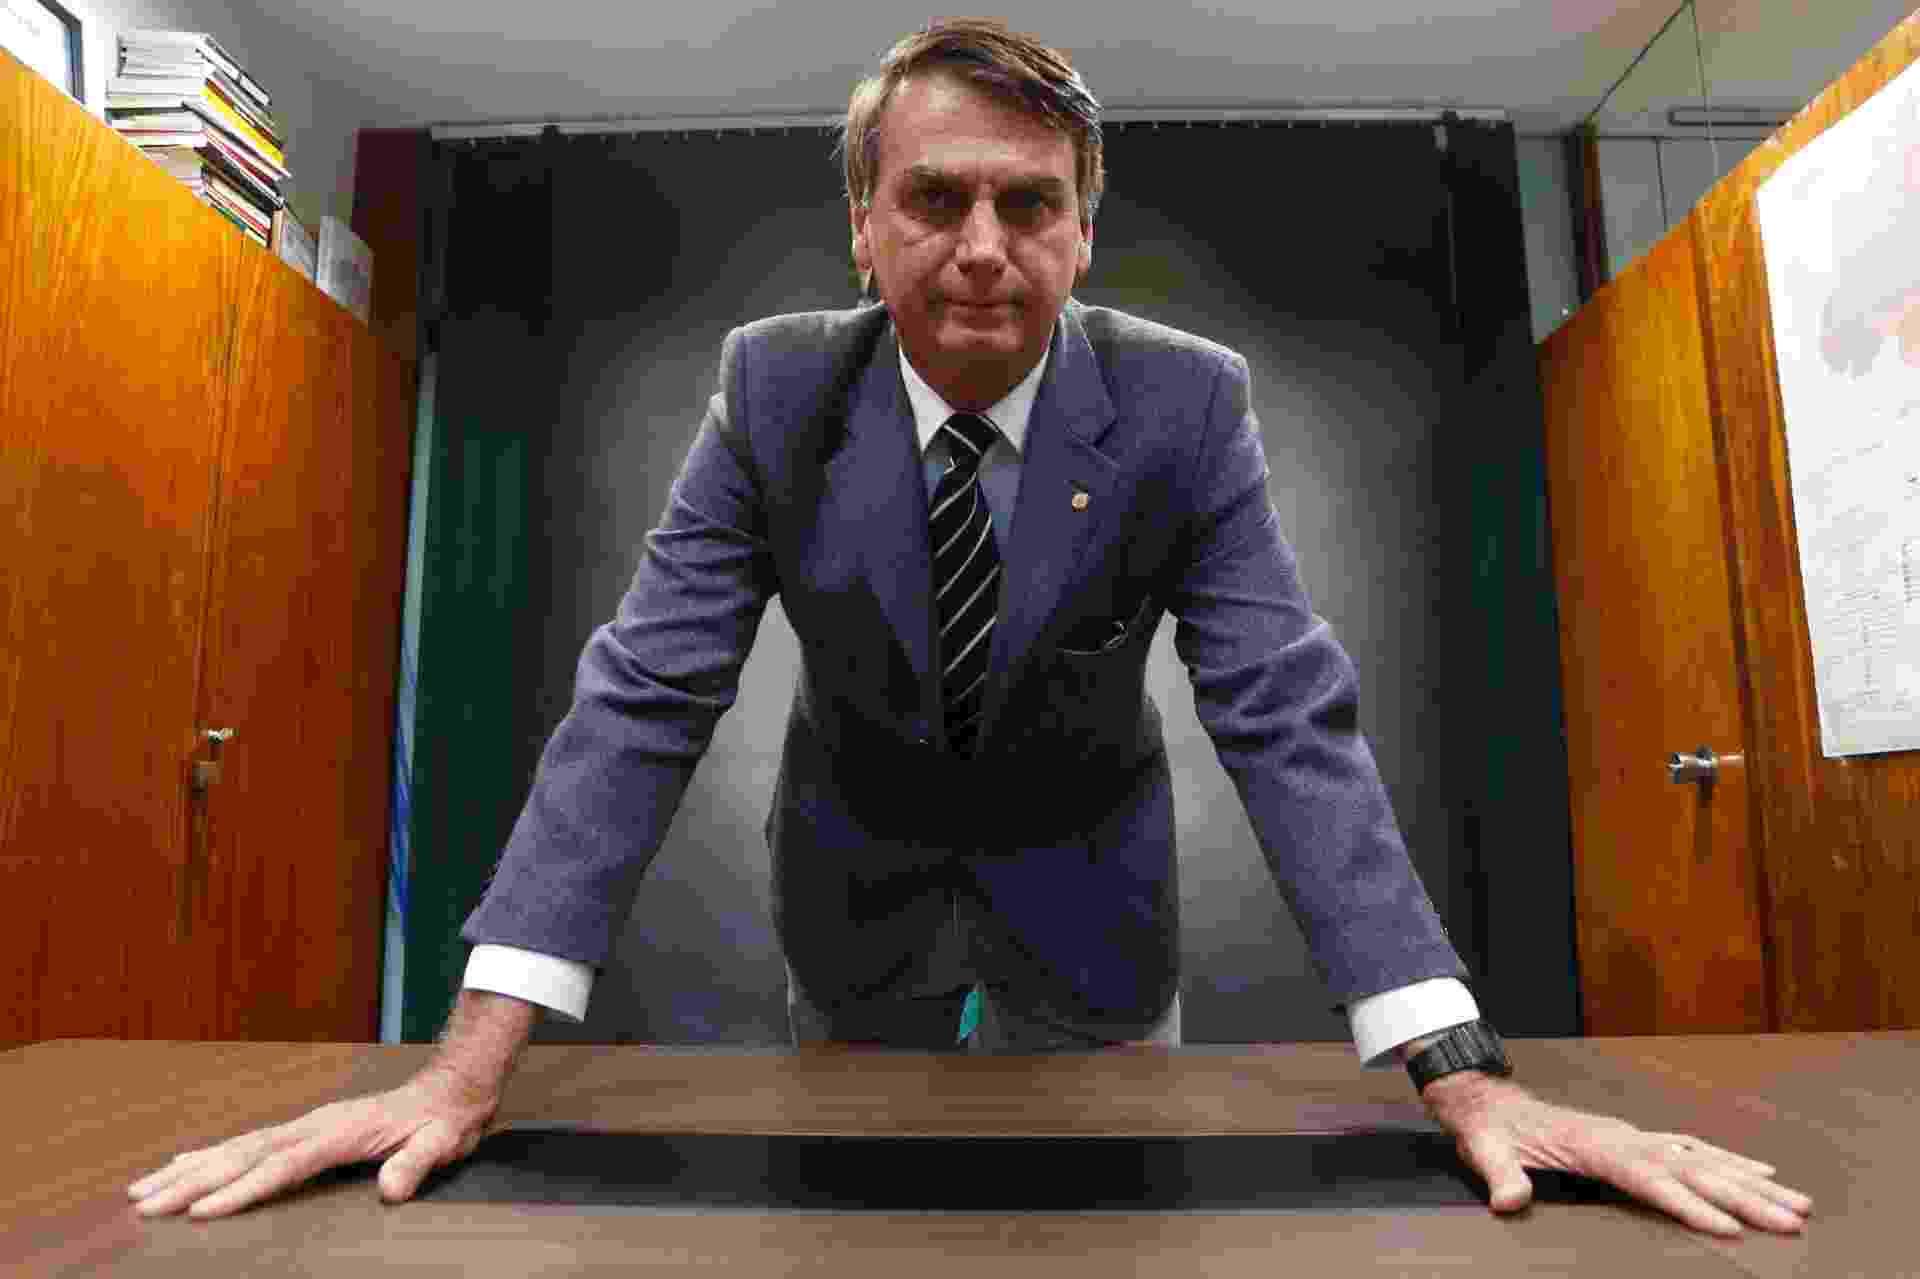 22.mar.2017 - Retrato do deputado federal Jair Bolsonaro (PSC-RJ) na Câmara dos Deputados em Brasília - Igo Estrela/Estadão Conteúdo